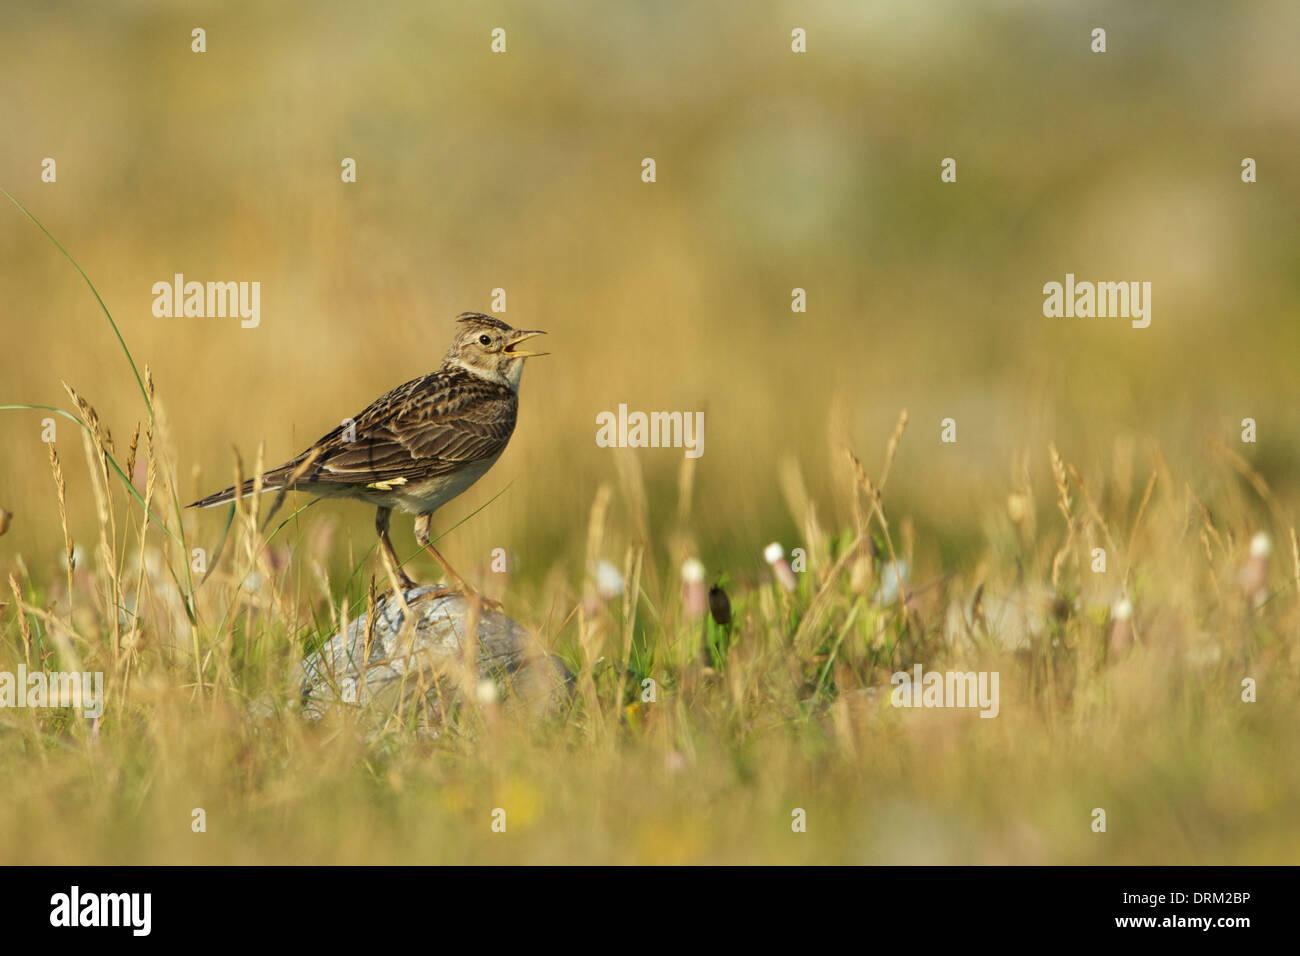 Skylark on rock (singing) ©Jake Stephen Photography. - Stock Image